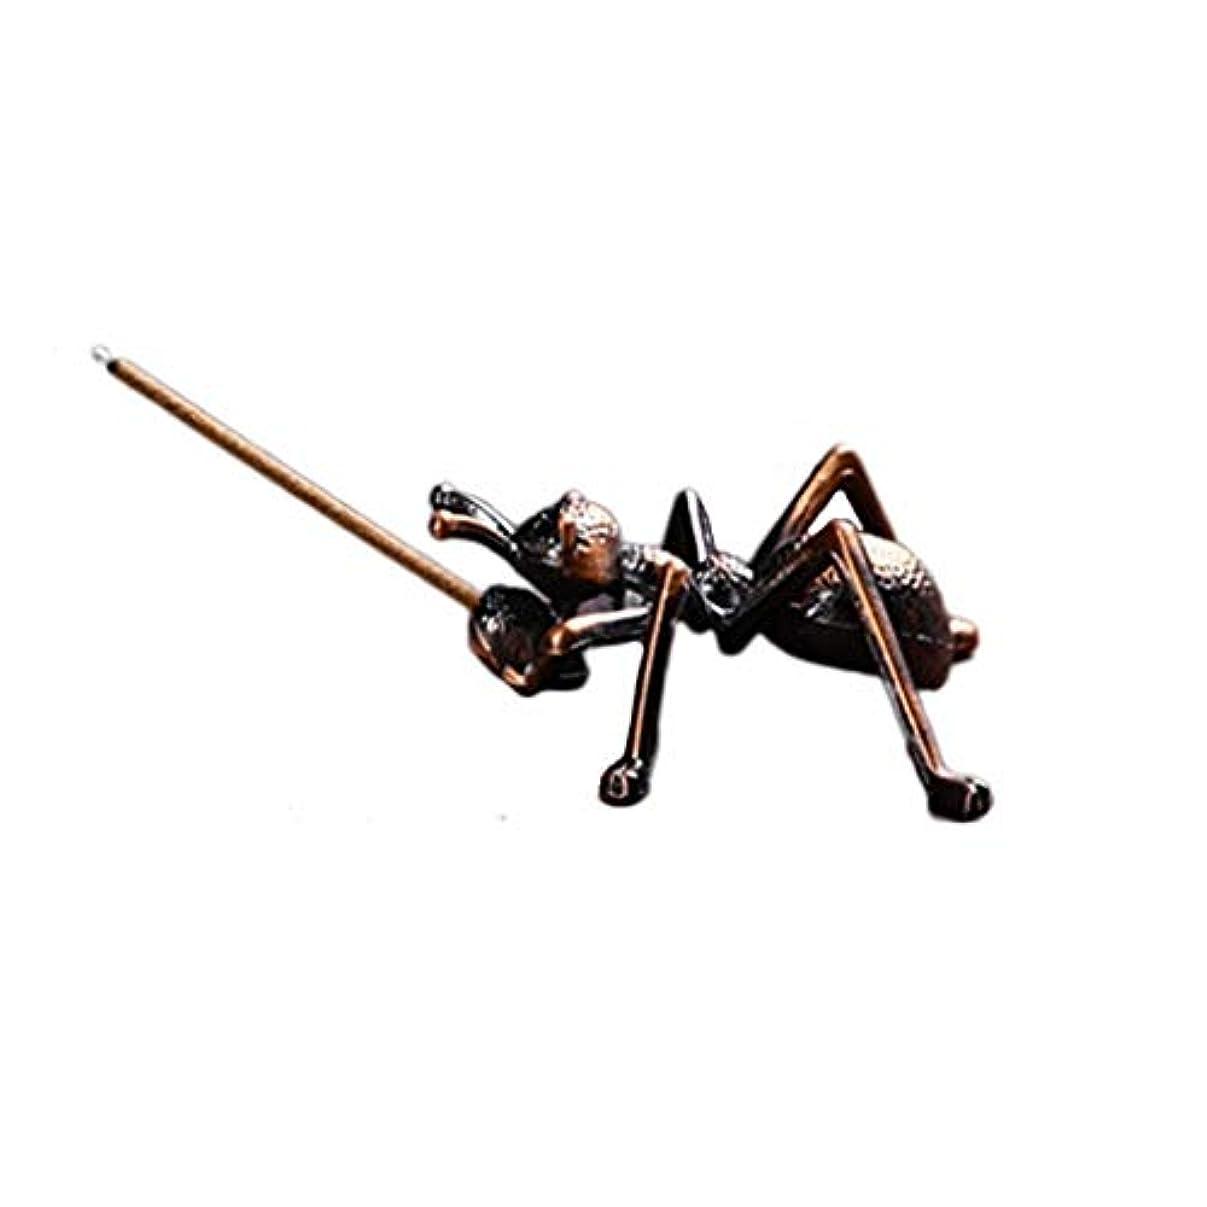 医療のの慈悲でスペアミニ香ホルダー合金蟻香バーナー小さな香ホルダーホーム香り装飾香スティックバーナーホルダー (Color : Brown, サイズ : 1.96*0.86inchs)